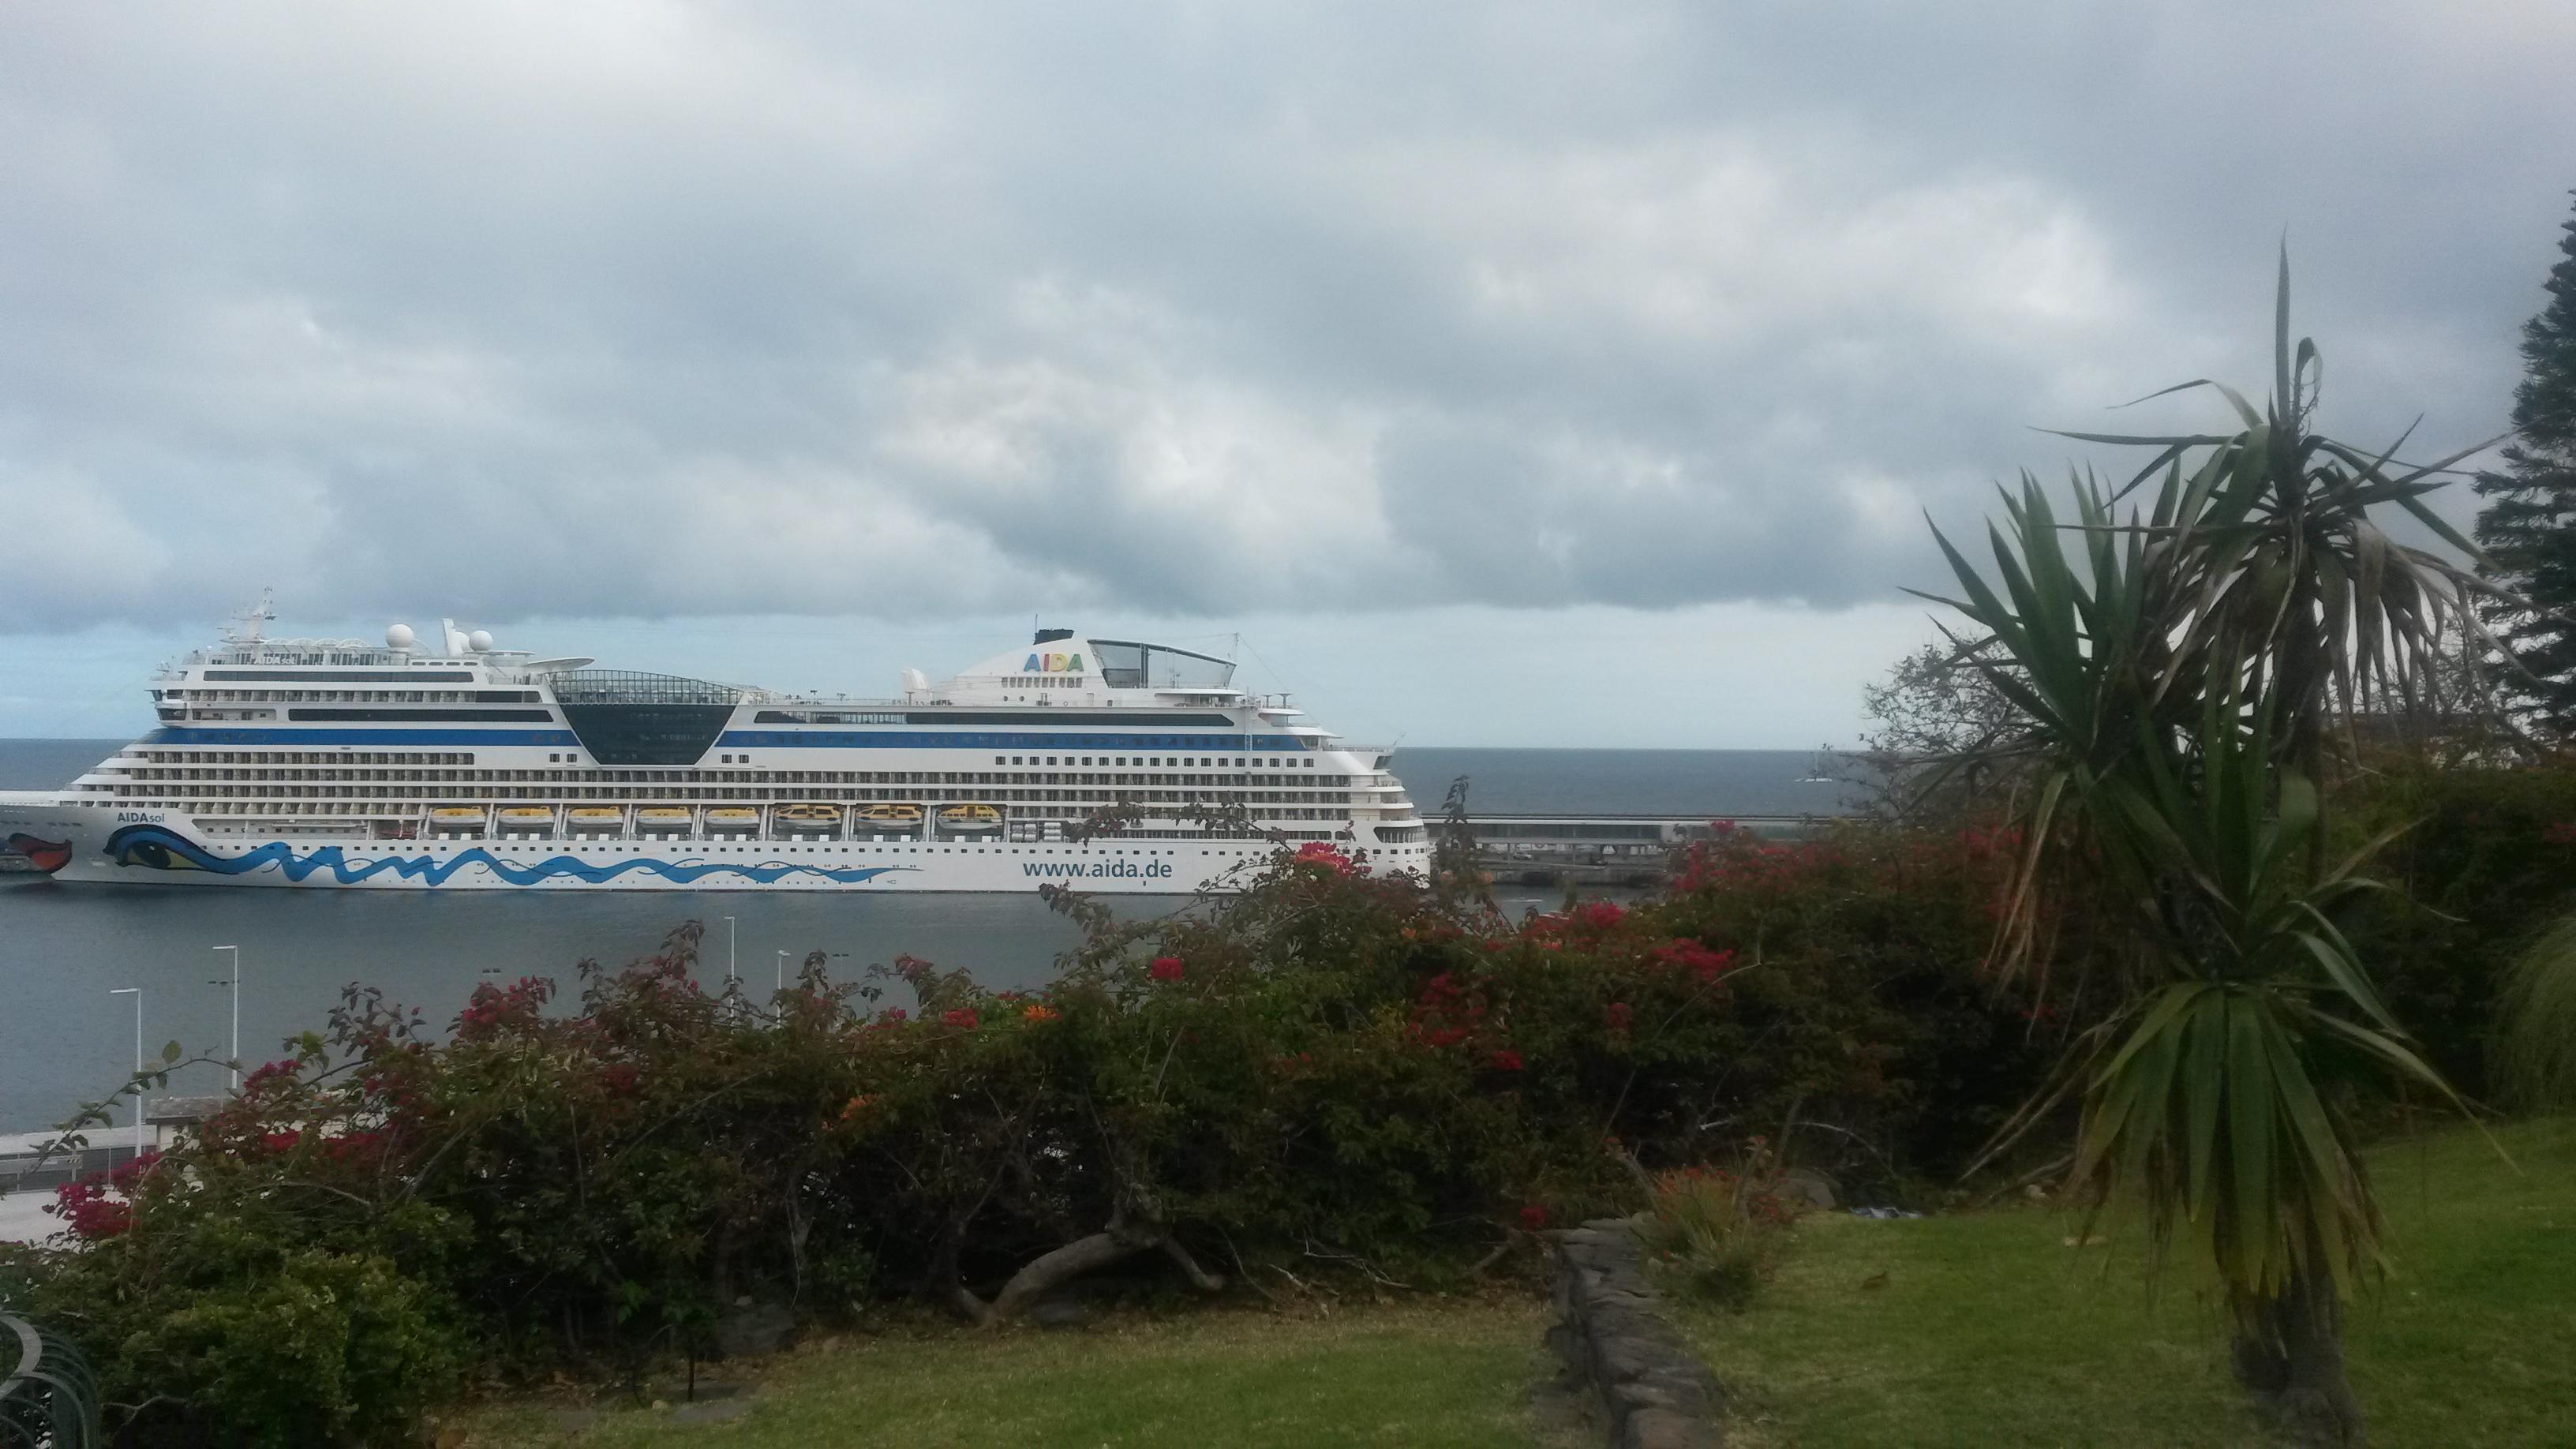 AIDAsol im Hafen von Funchal